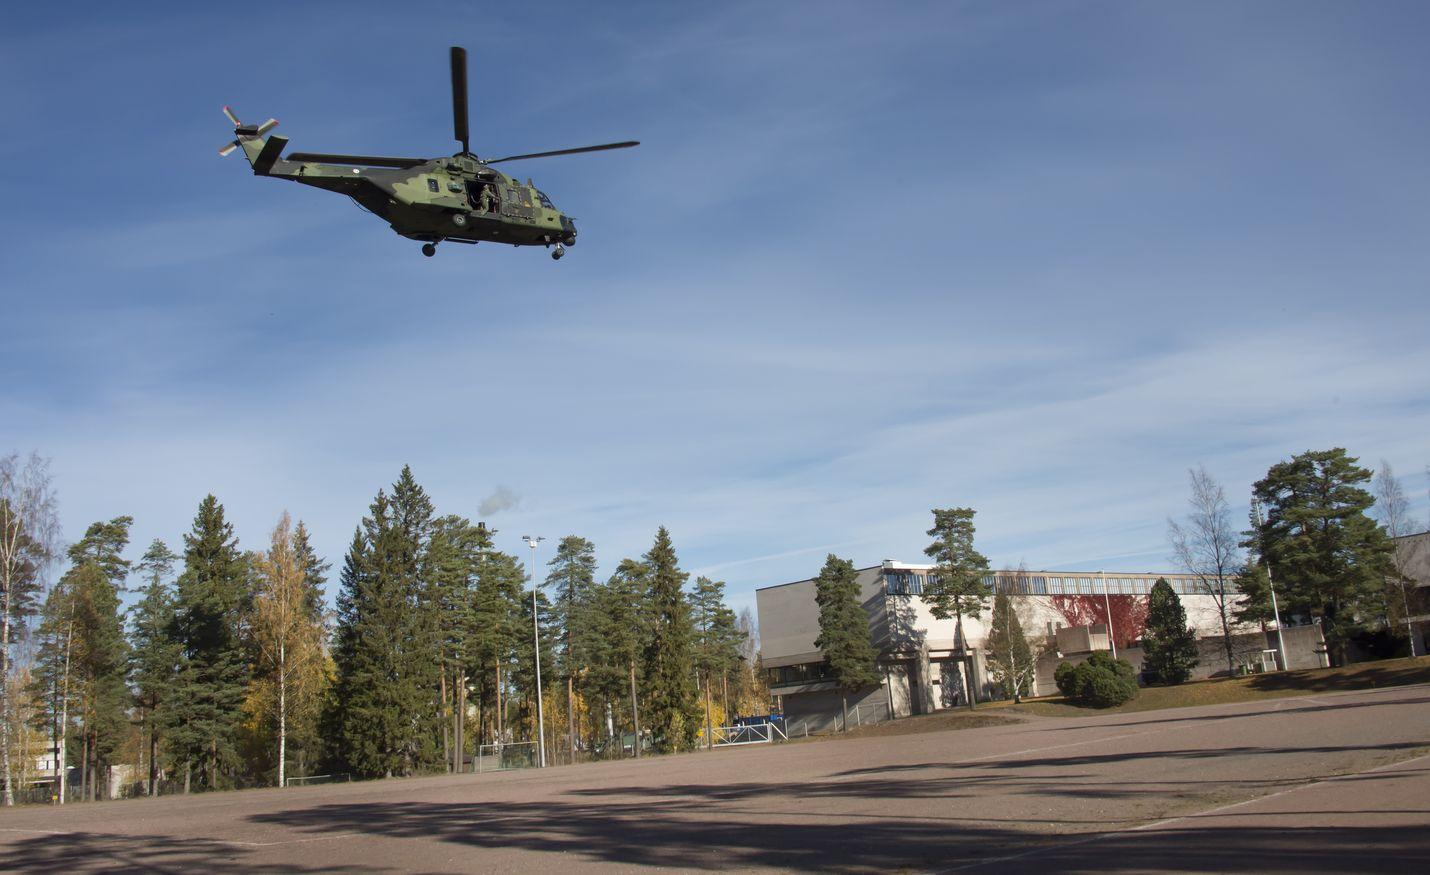 Kirjoittaja ei usko Naton olevan ratkaisu Suomelle. Nato Helicopter 90:ää esiteltiin Suomessa viime vuosikymmenen alkupuolella.